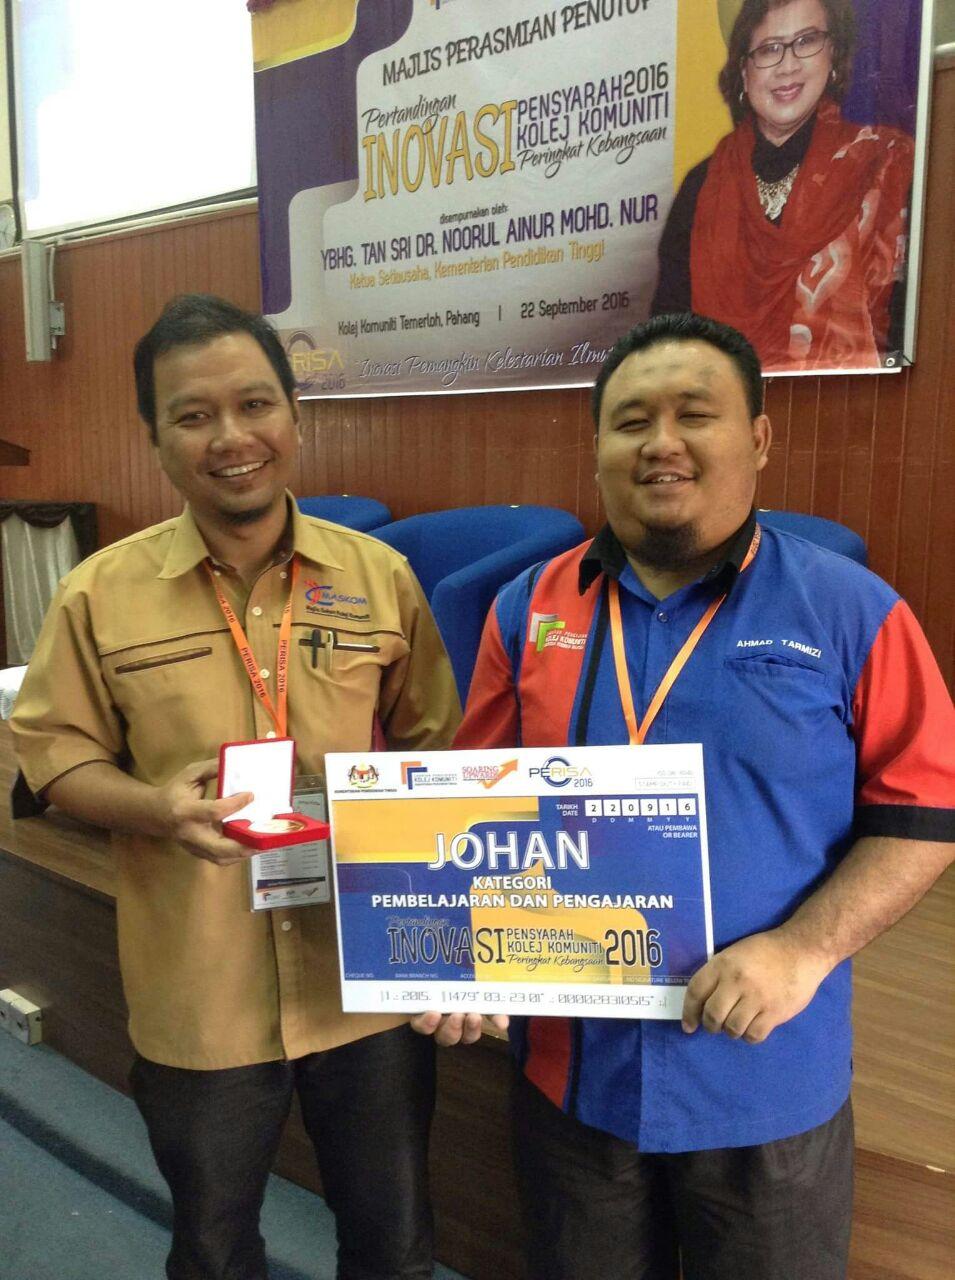 Unit Pengambilan Kolej Komuniti Hulu Selangor Pertandingan Inovasi Pensyarah Kolej Komuniti Peringkat Kebangsaan